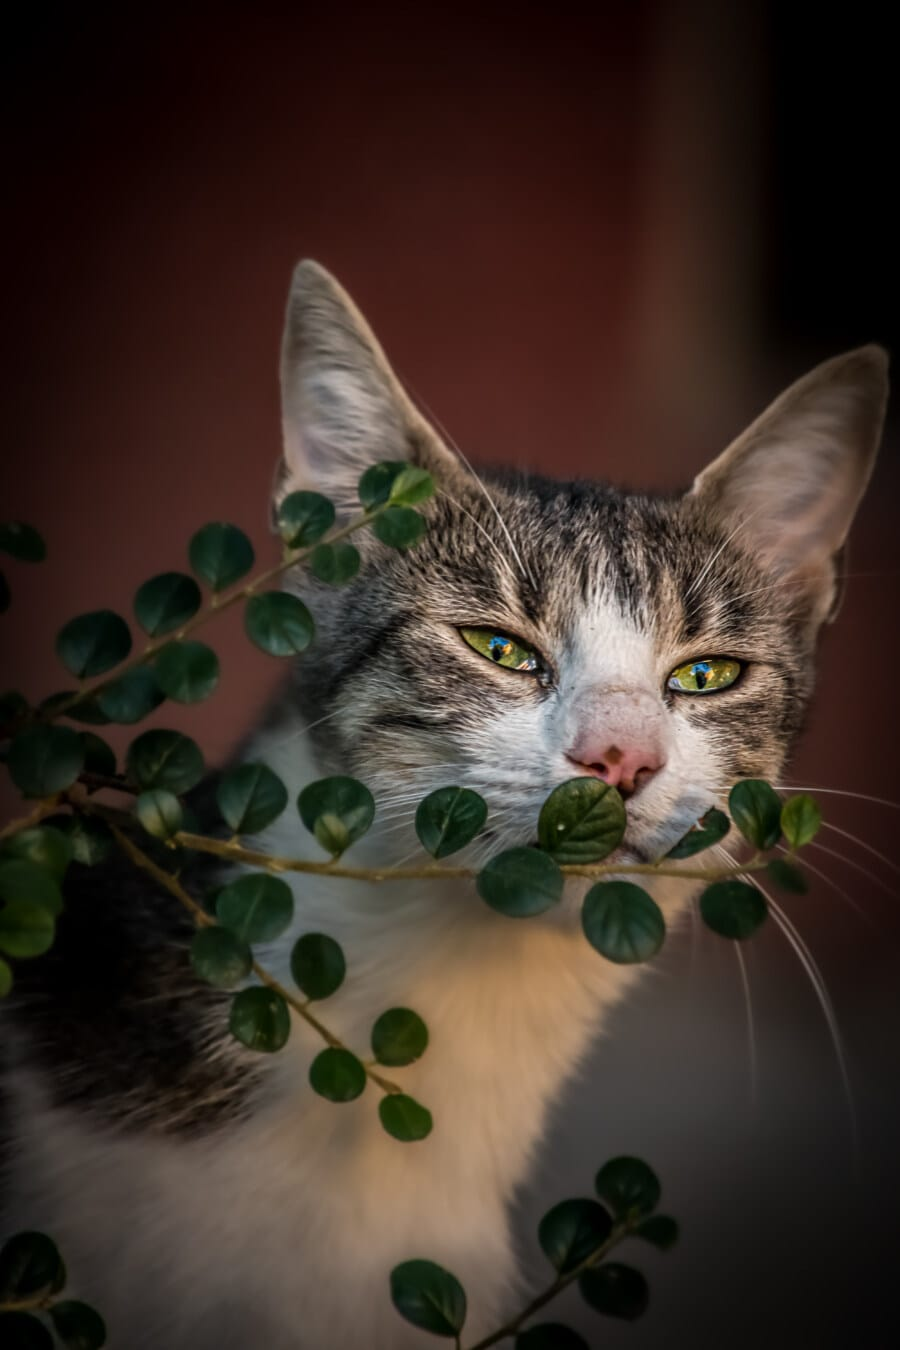 παιχνιδιάρικο, γατάκι, αξιολάτρευτο, πράσινο, τα μάτια, από κοντά, θάμνος, κλαδάκι, κεφάλι, ζώο